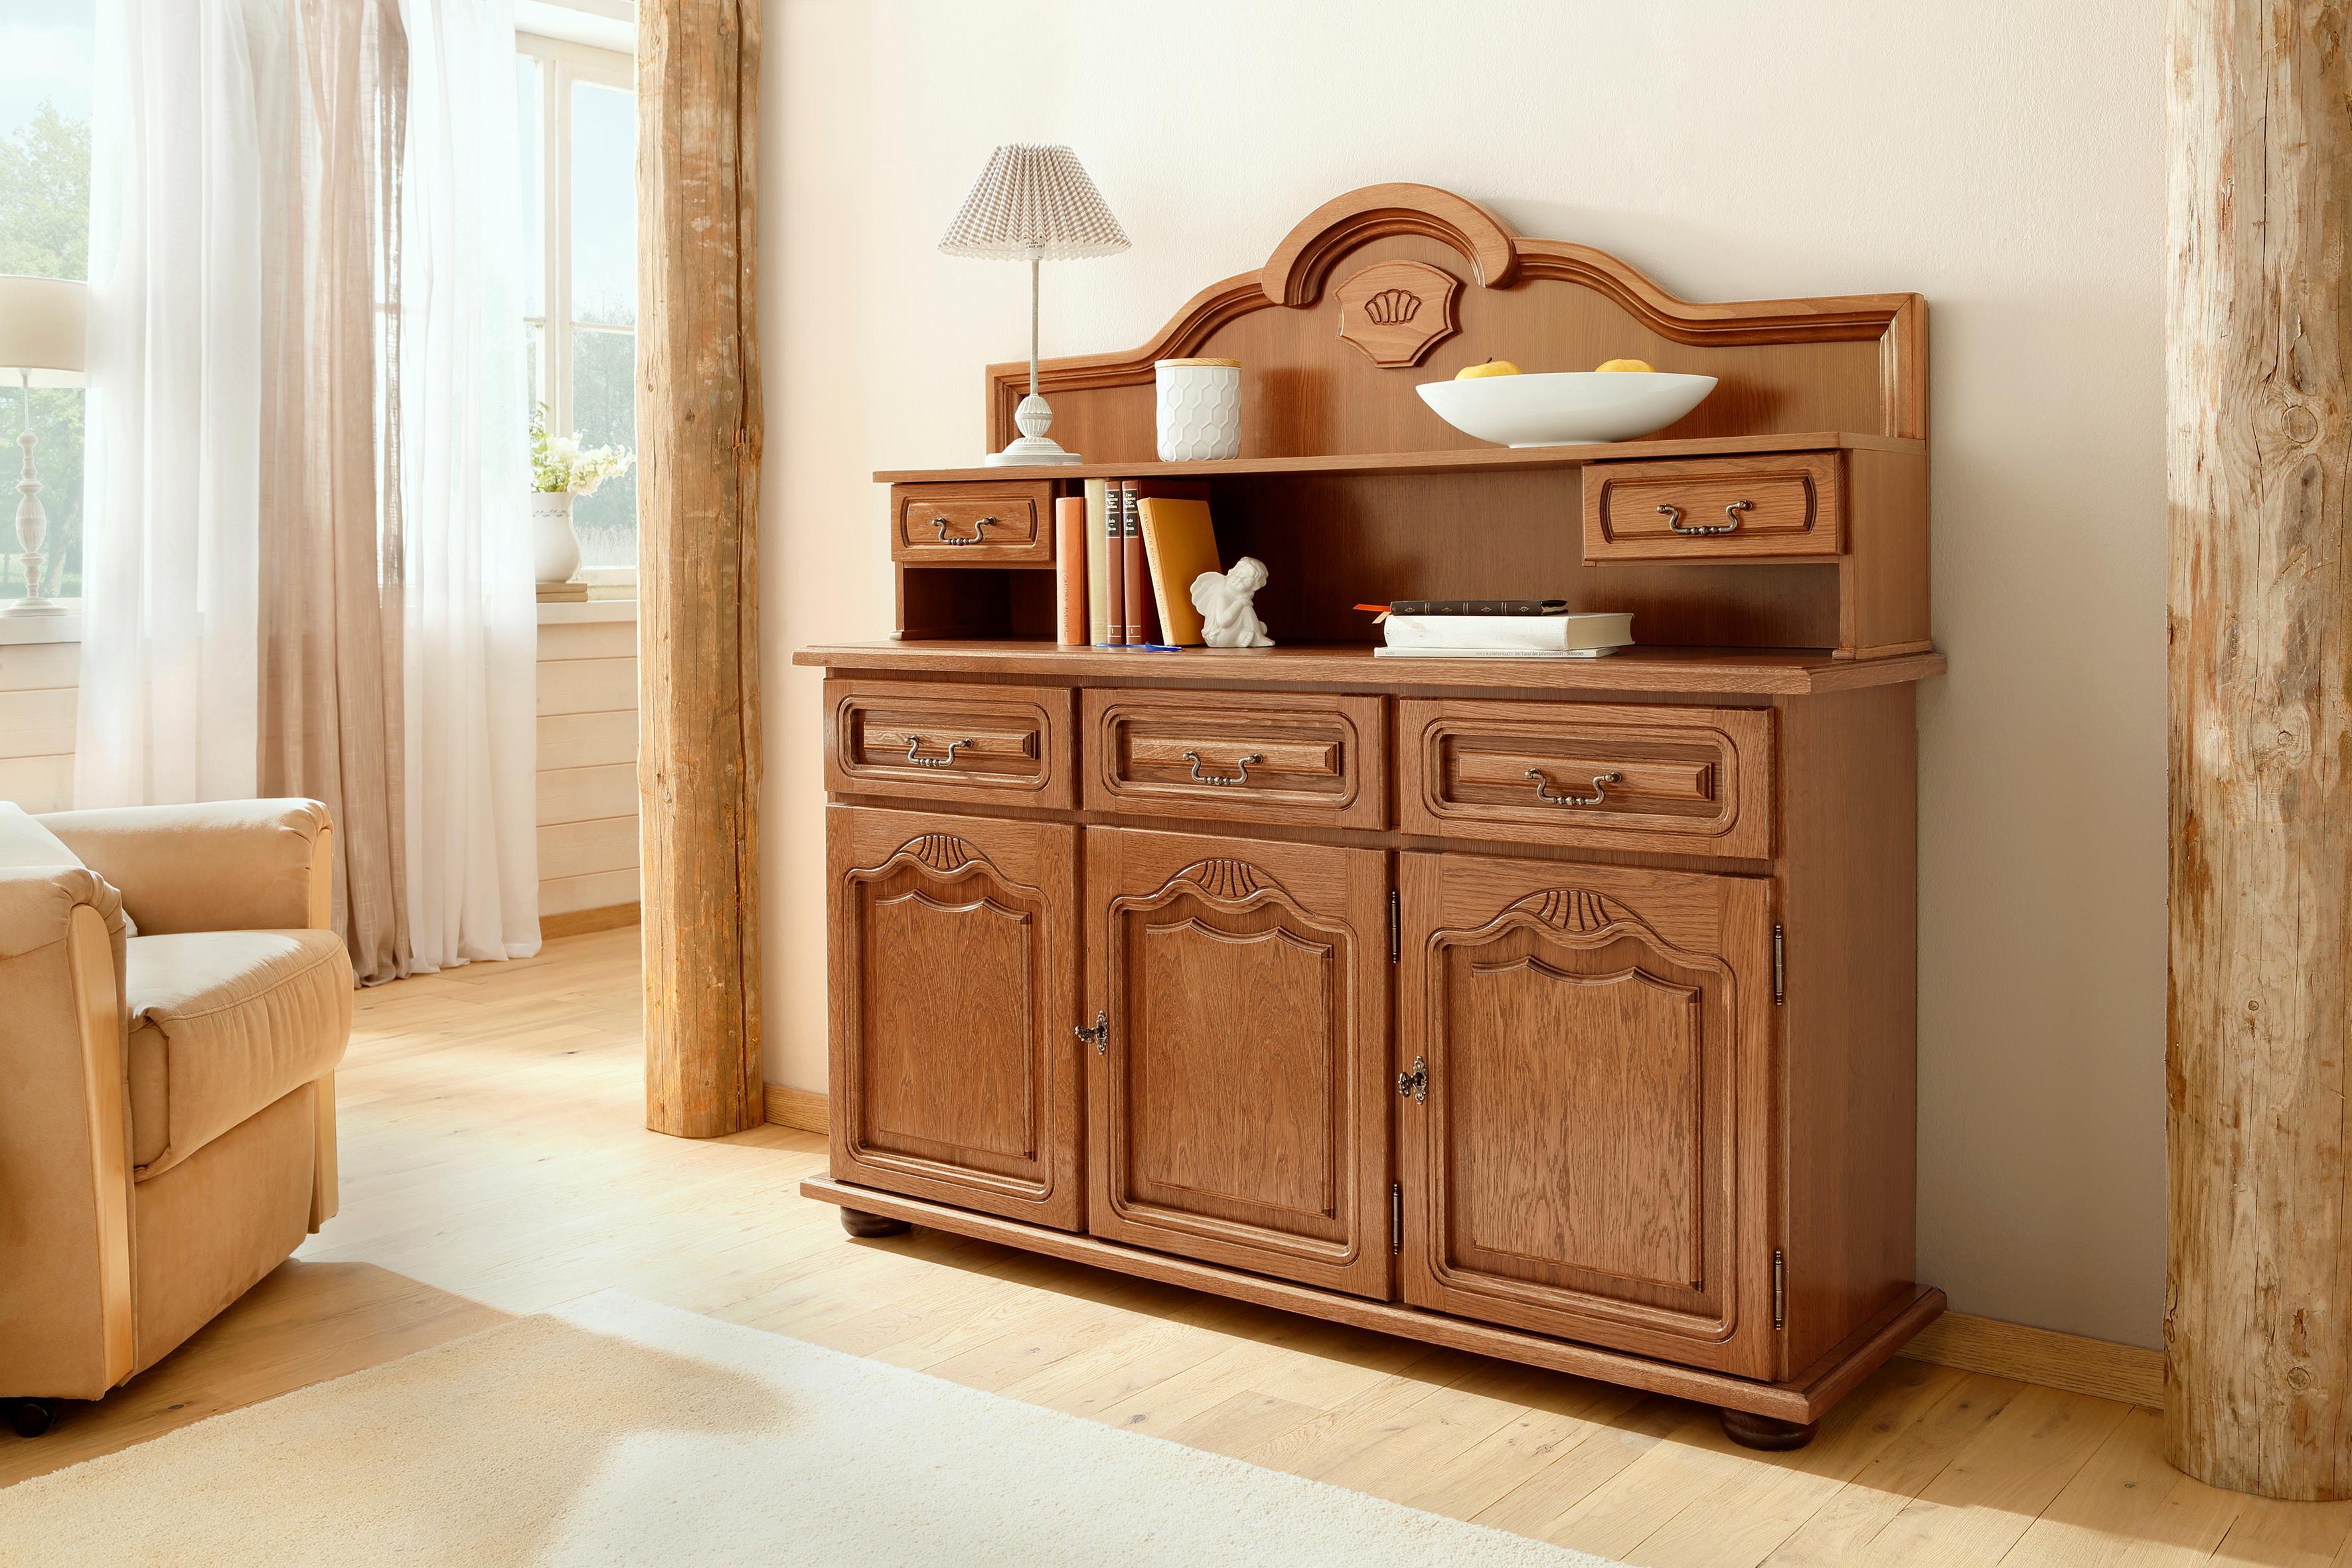 Home affaire Sideboard 3trg Hans Breite 139 cm im rustikalen Landhausstil